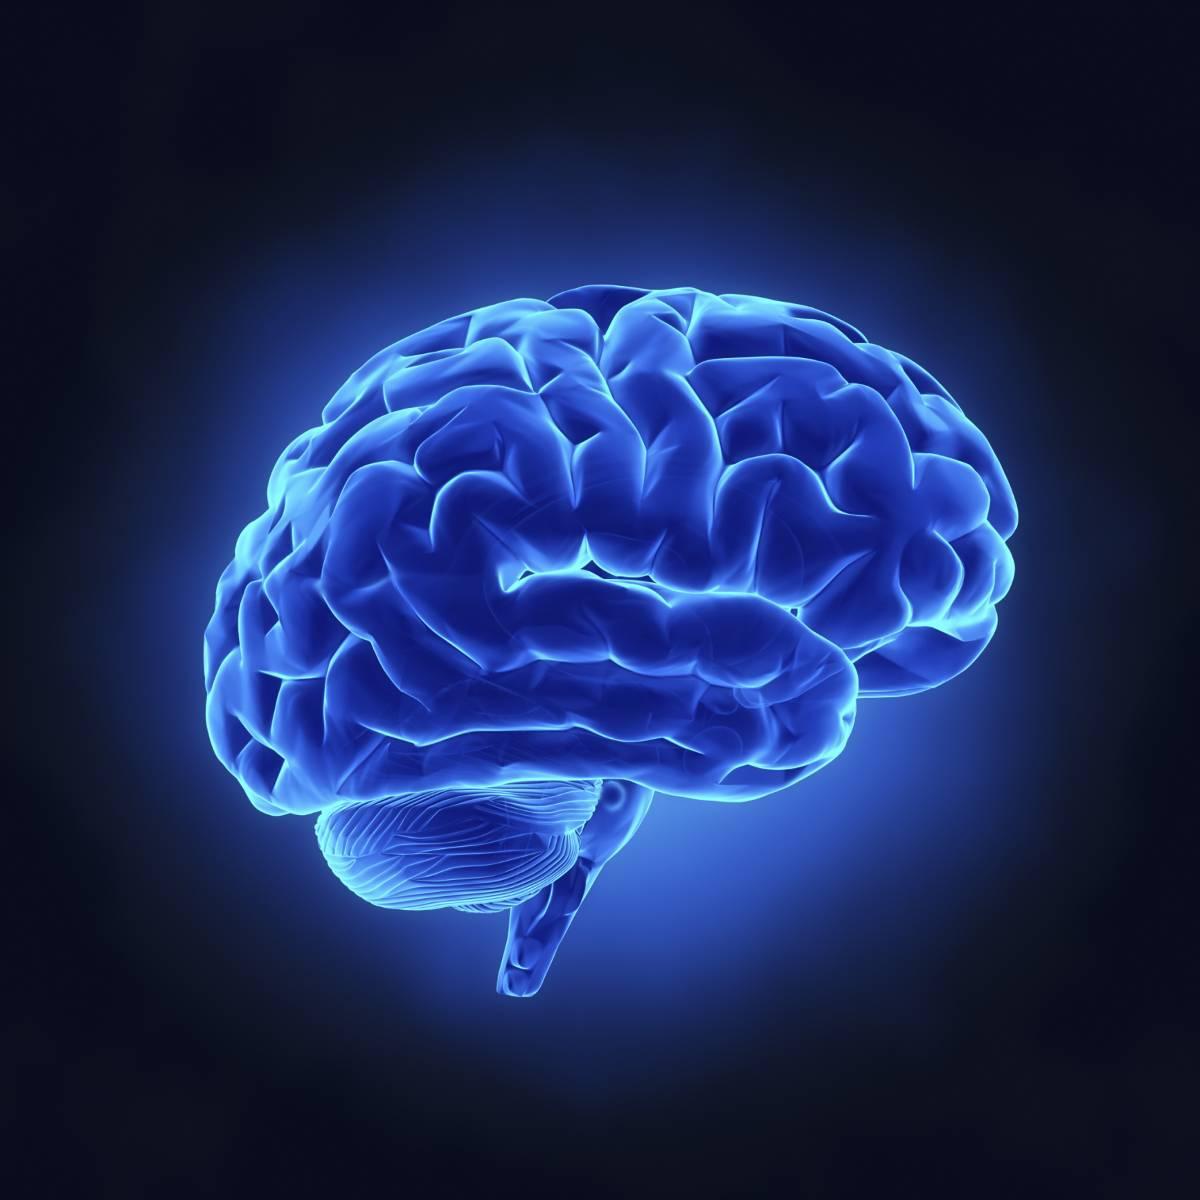 Forskare har inga riktiga förklaringar till varför fenomenet uppstår. Hjärnscanning visar inga konstigheter och det är av förklarliga skäl svårt att framkalla känslan i ett laboratorium. En idé är att det är en slags ryckningar i hjärnan, som en muskelspasm. I fallet med den 23-åriga mannen tror nu forskarna som studerat honom att det kan vara ångest som ligger bakom.